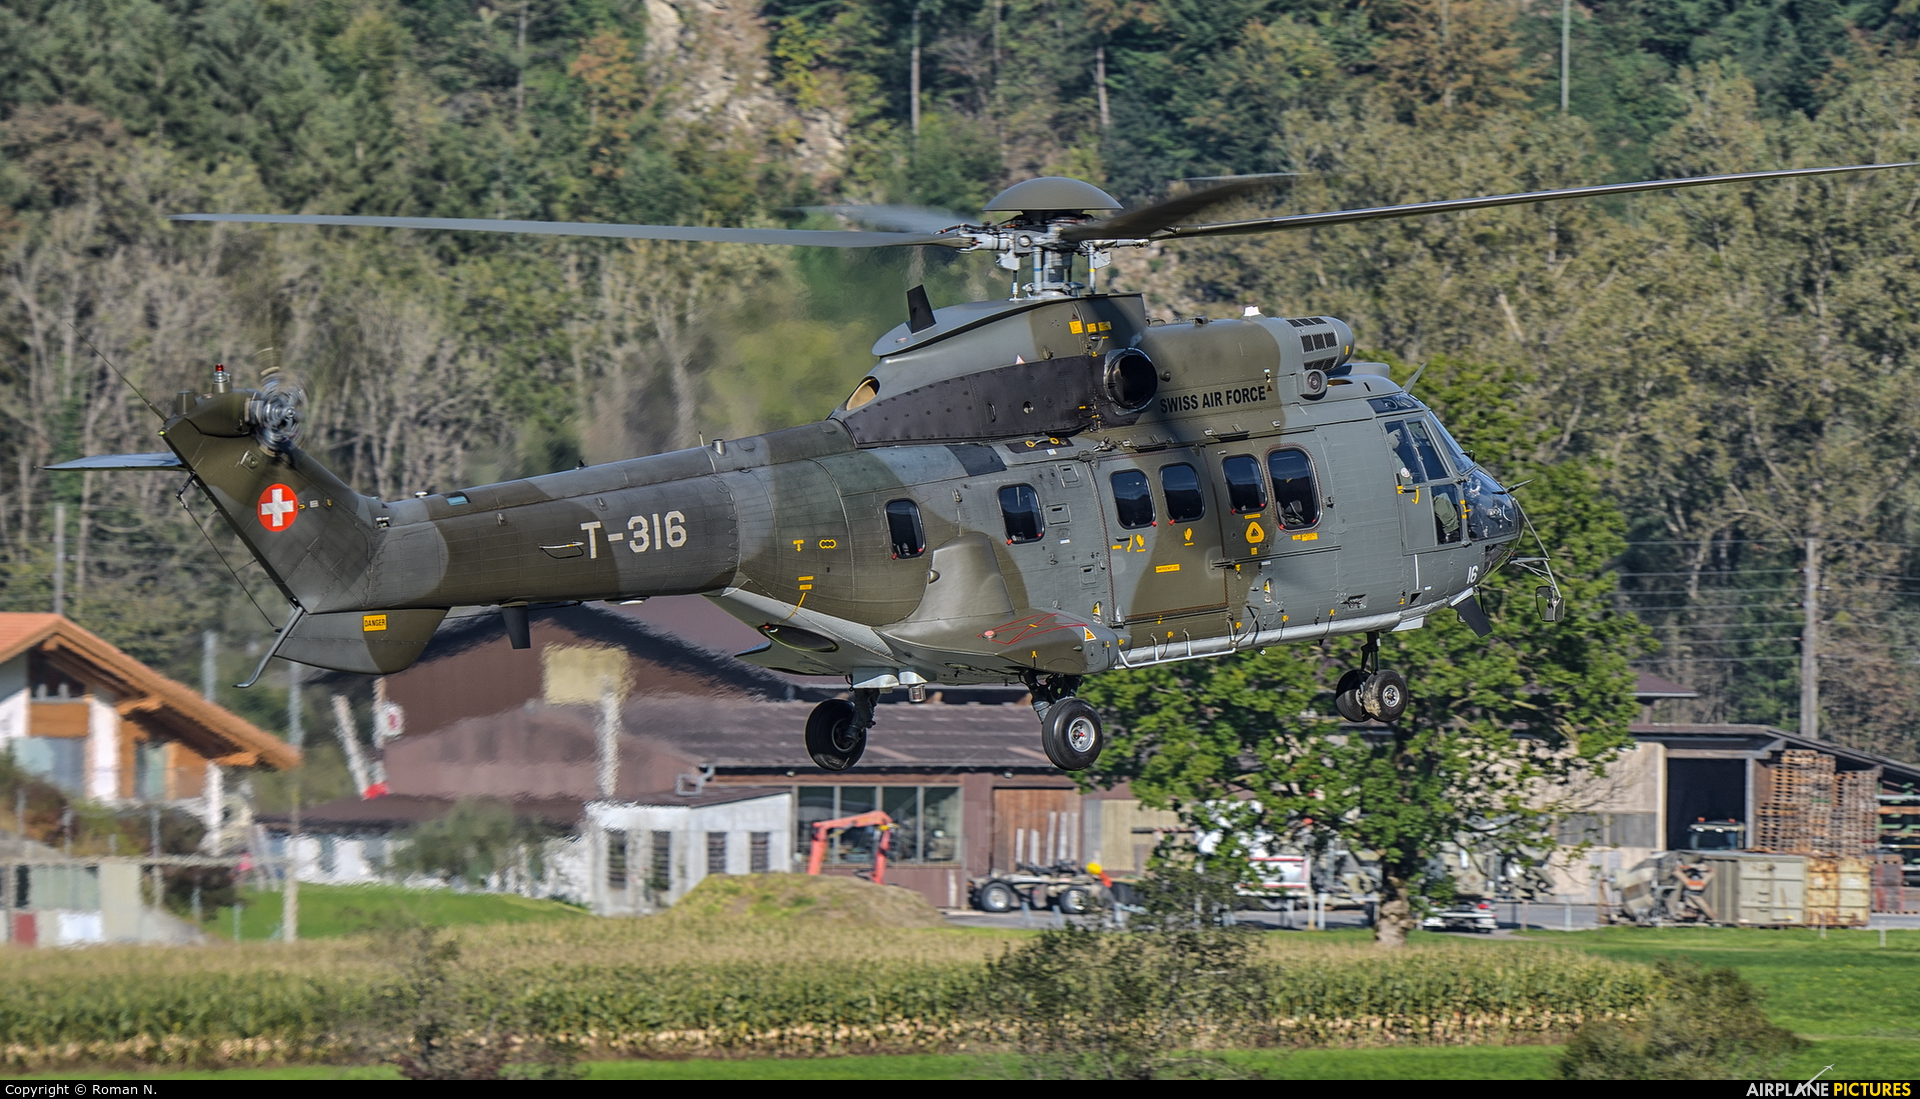 Switzerland - Air Force T-316 aircraft at Meiringen